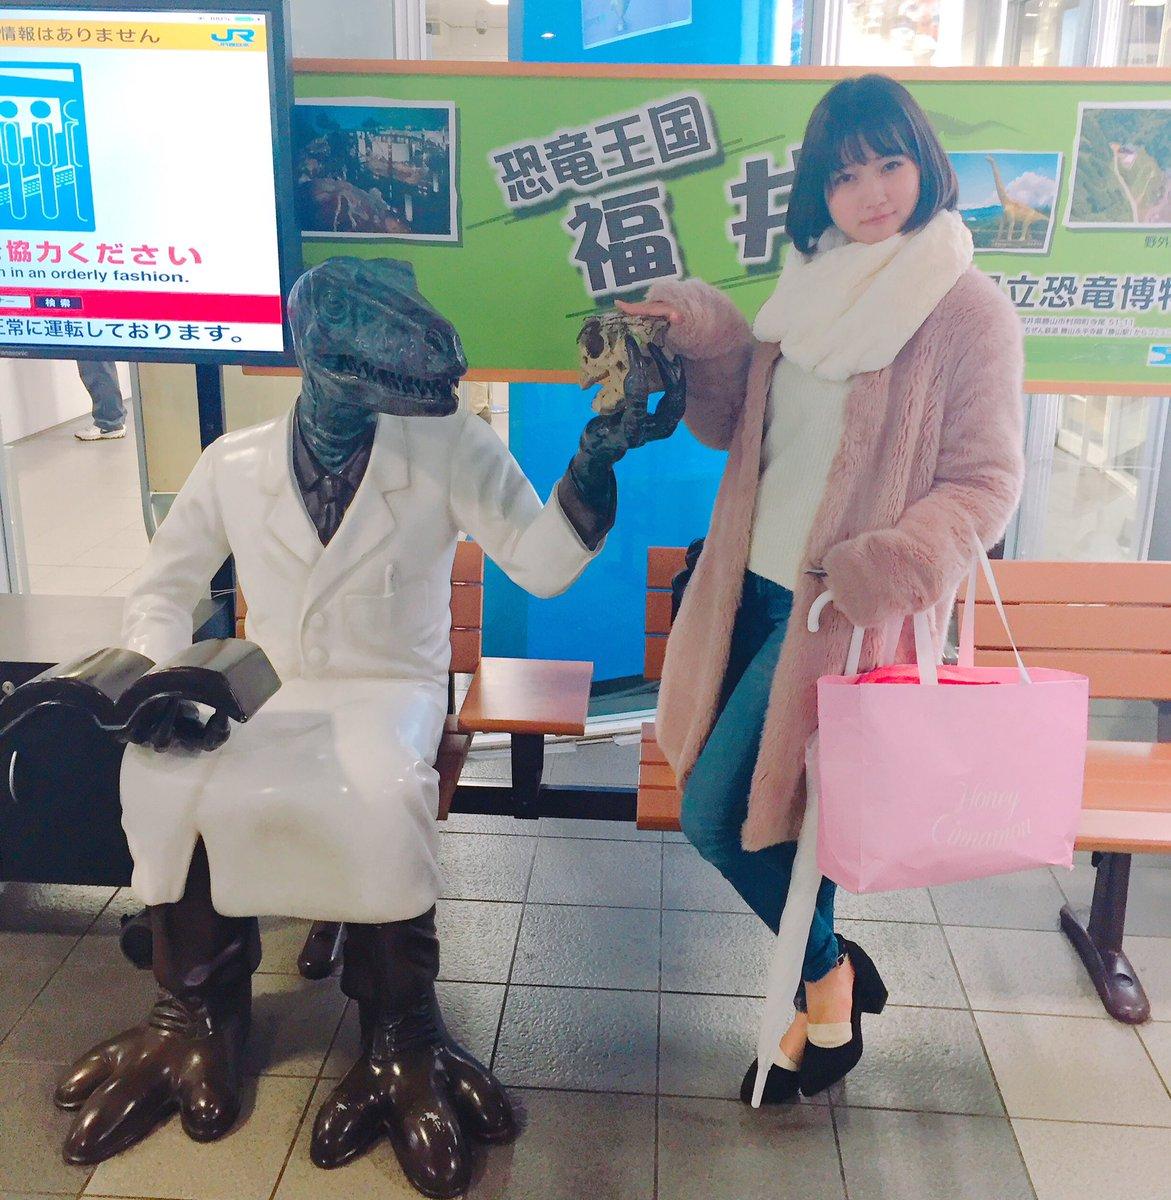 ありがとう福井。 またくるね福井。  #恐竜くんにエスコートして頂きました    #恐竜王国福井